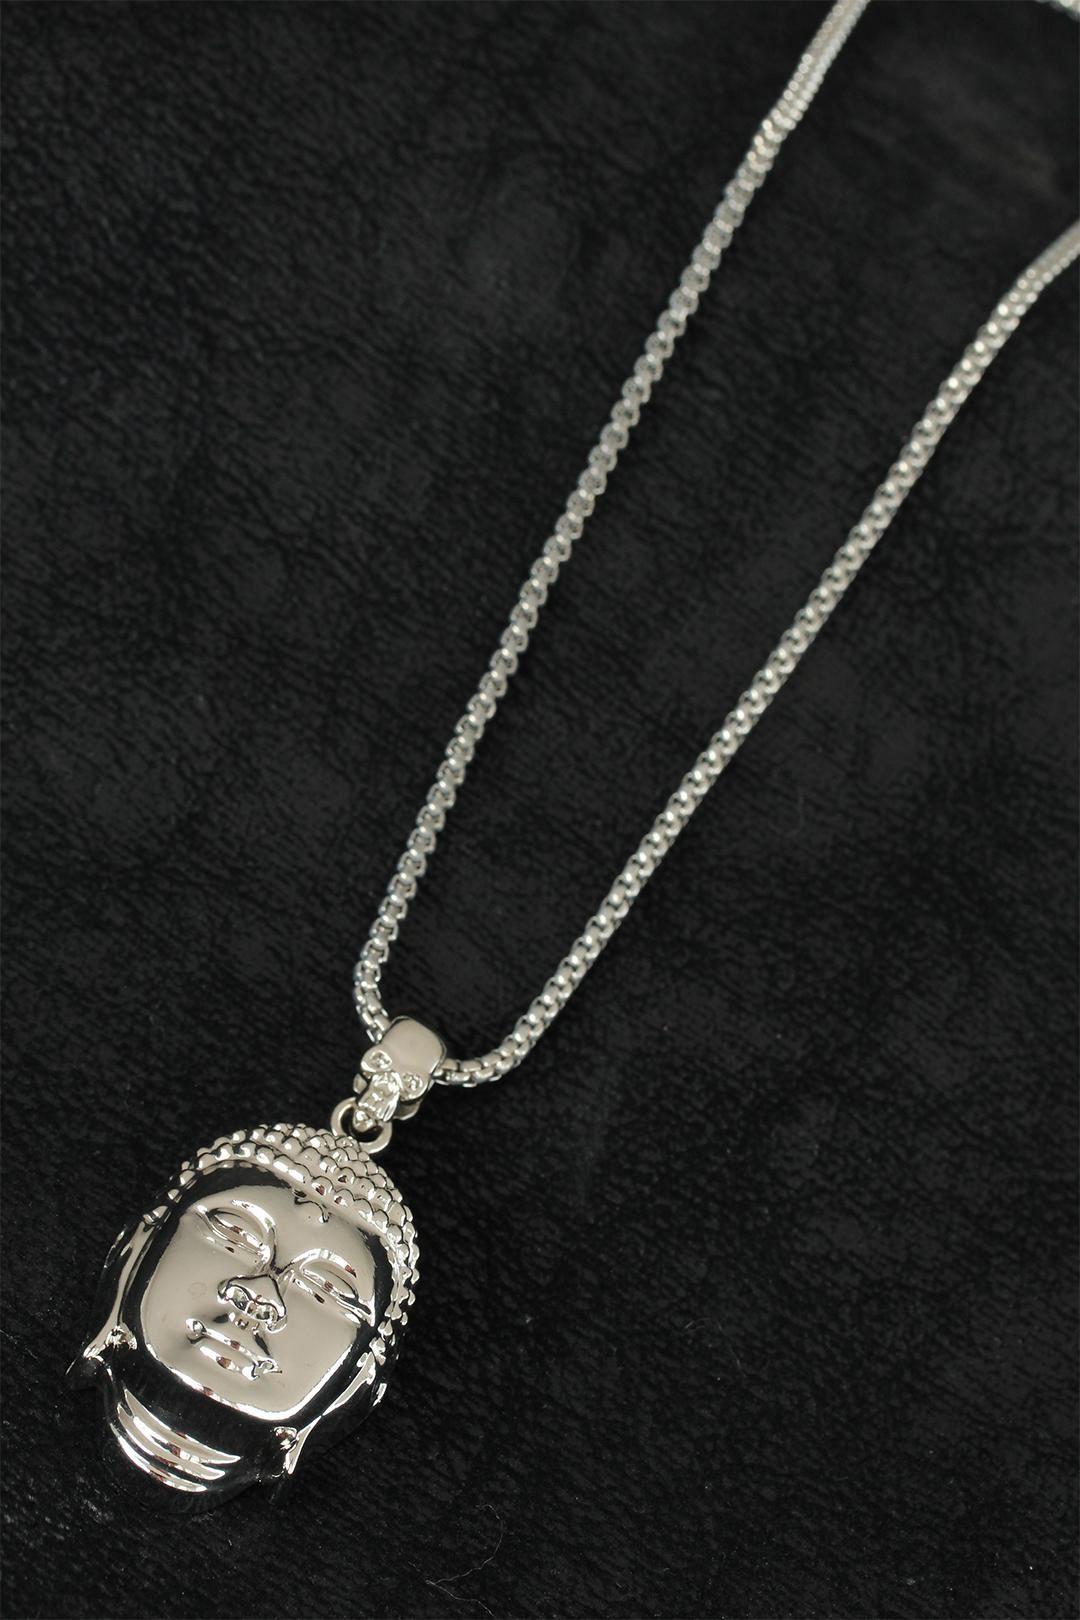 Buda Tasarım Silver Renk Zincirli Erkek Kolye